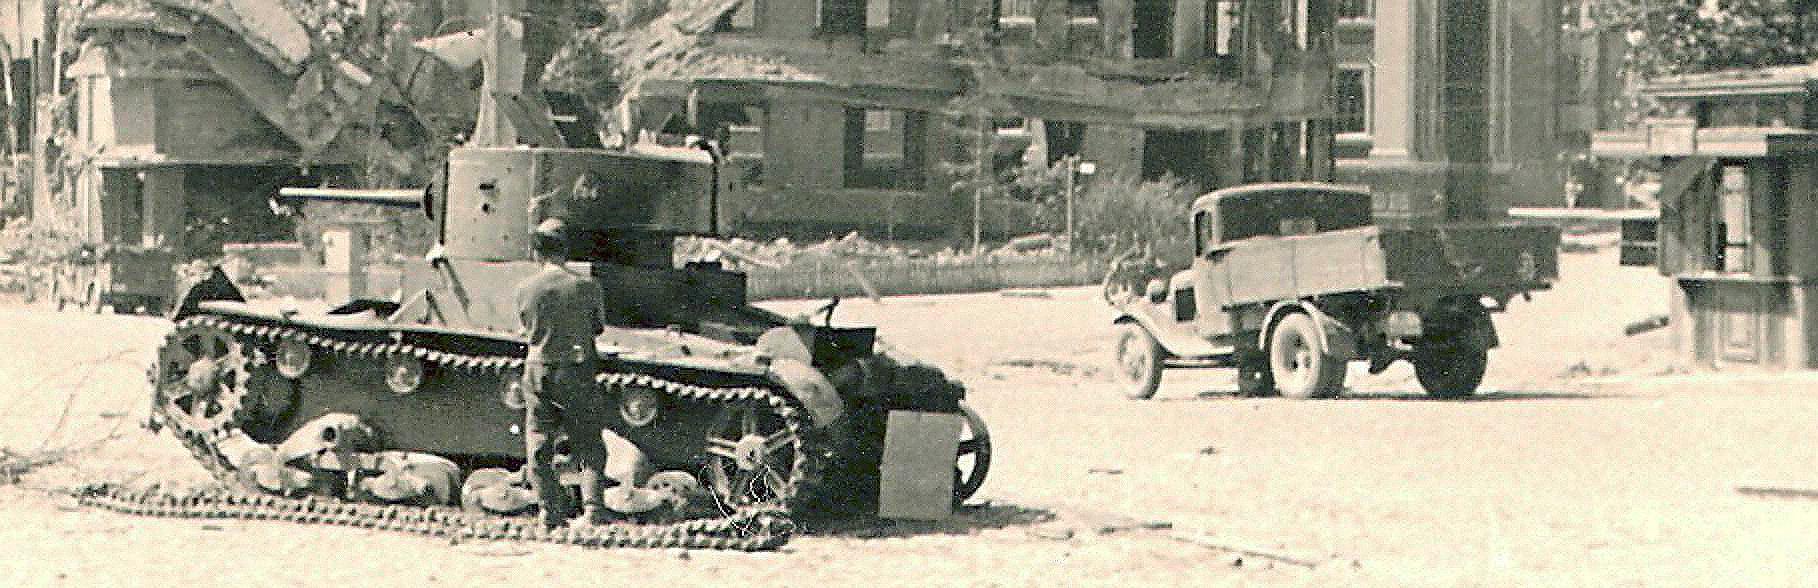 1941. Подбитый Т-26 на площади Смирнова